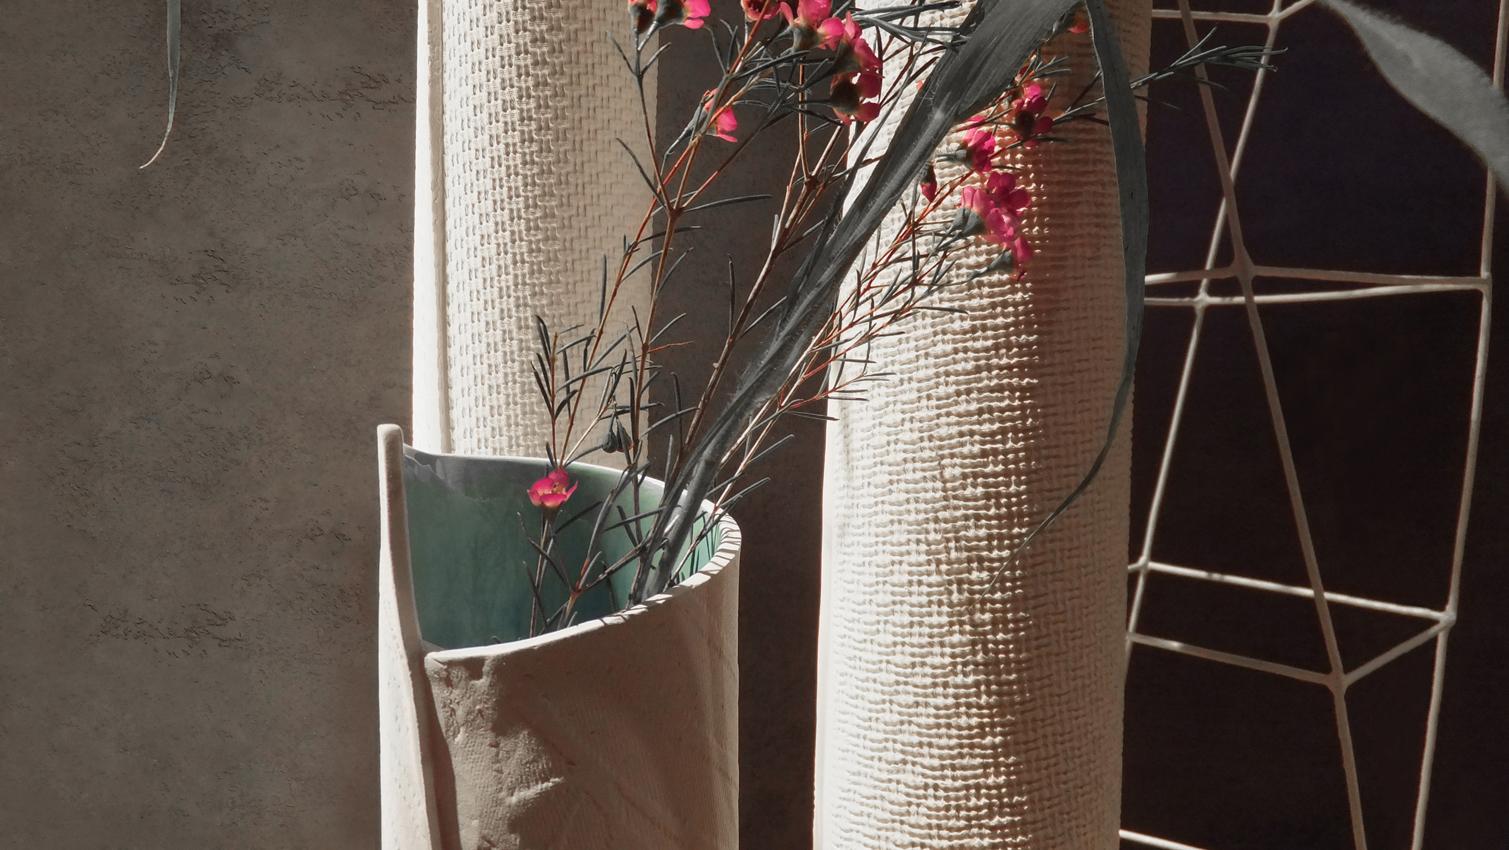 011_vasi ceramica 013_Silvia Fanticelli